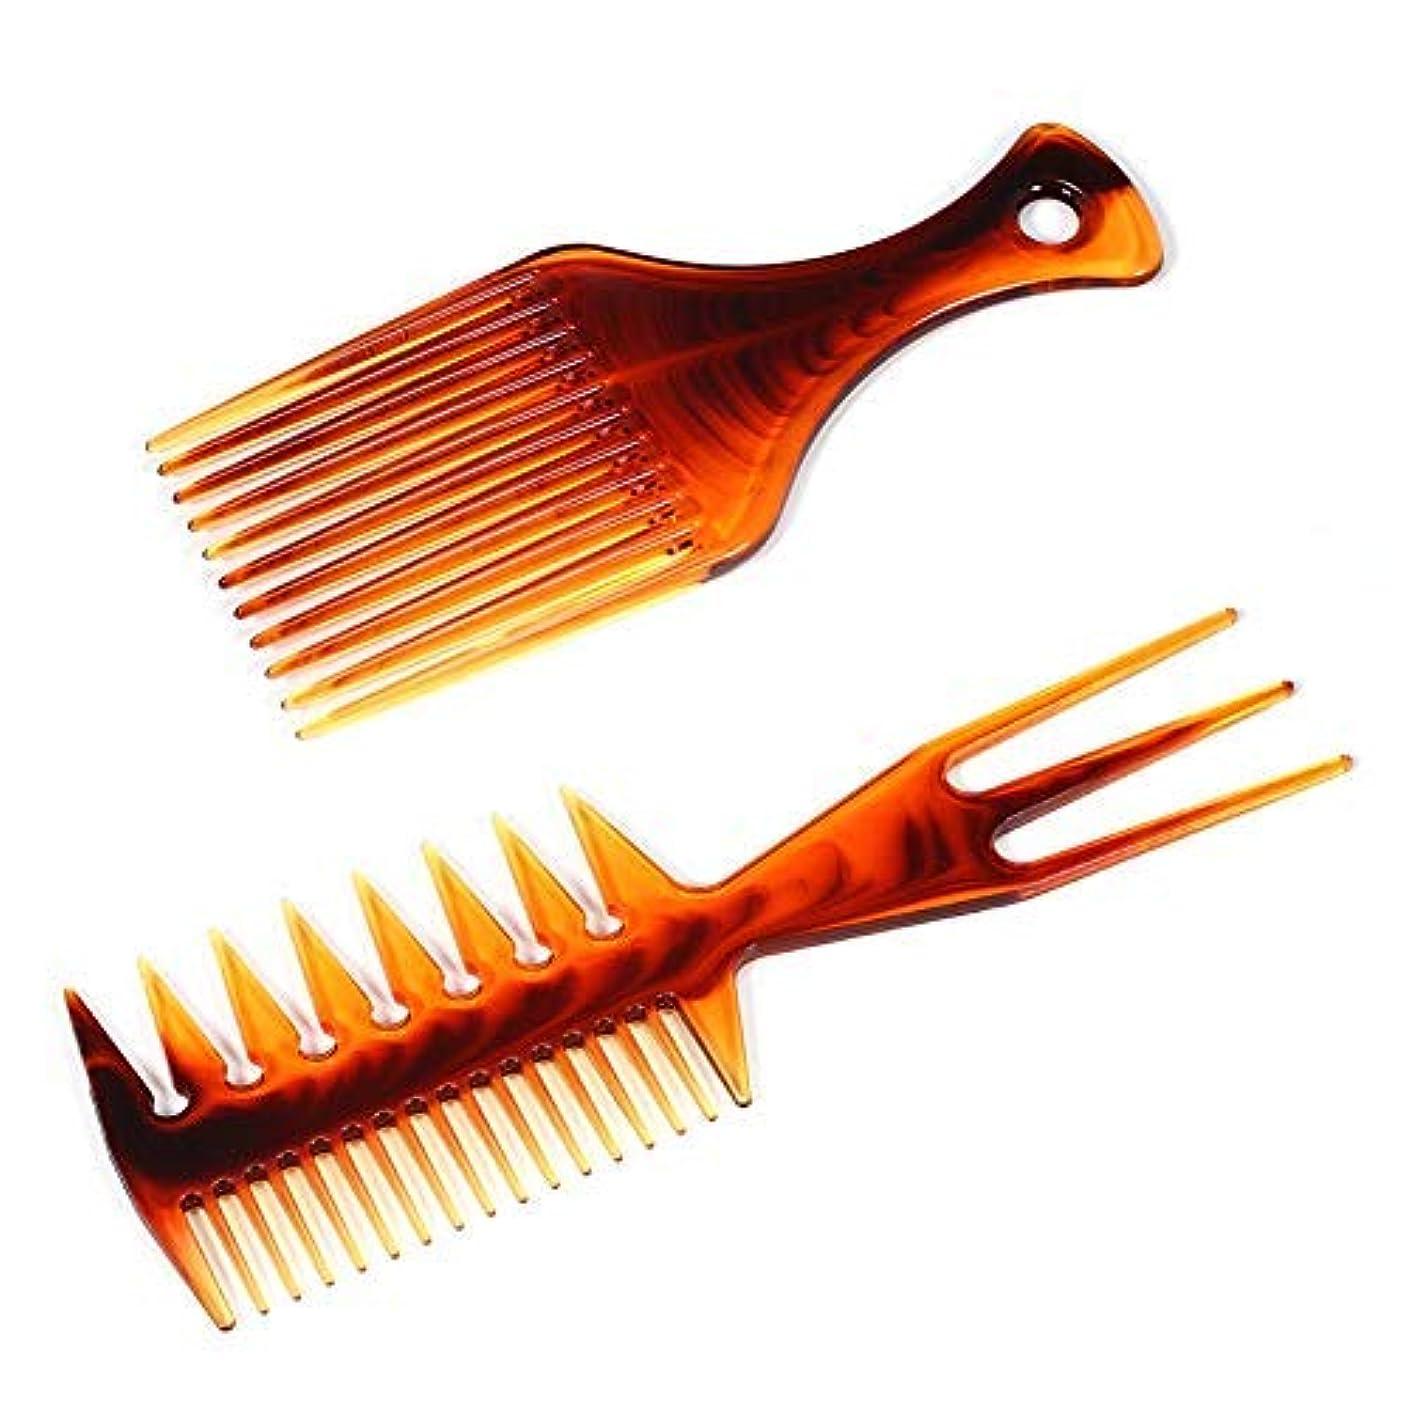 浸漬飛躍謎めいた2 Pieces Afro Pick Comb Fish Comb Afro Comb Hair Pick Comb Hair Styling Afro Hair Lift Pick Comb infused with...